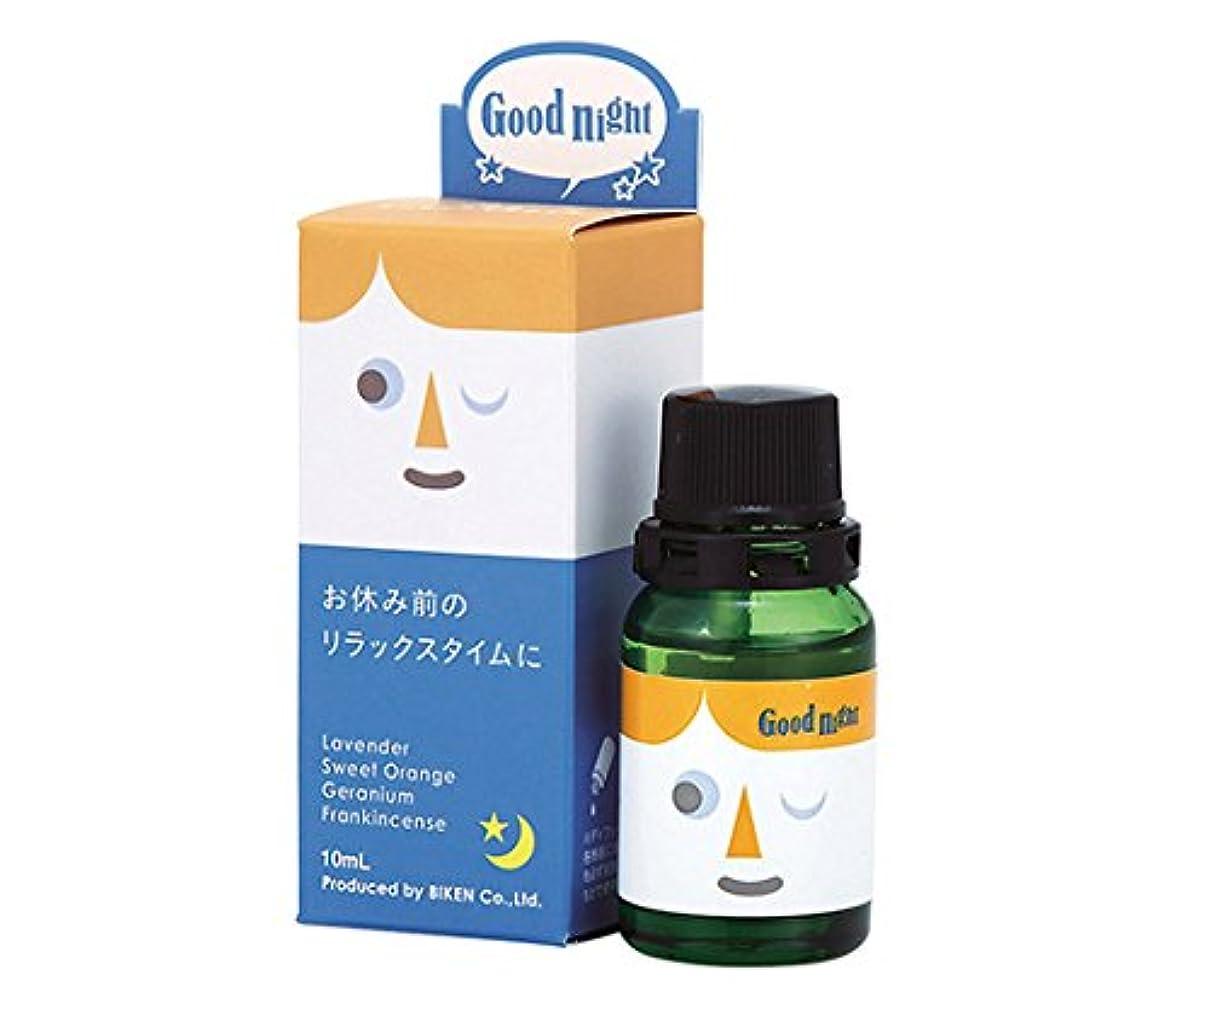 ホイッスルインフルエンザ哀れな美健8-3405-20水溶性エッセンシャルオイル(グッドナイト)